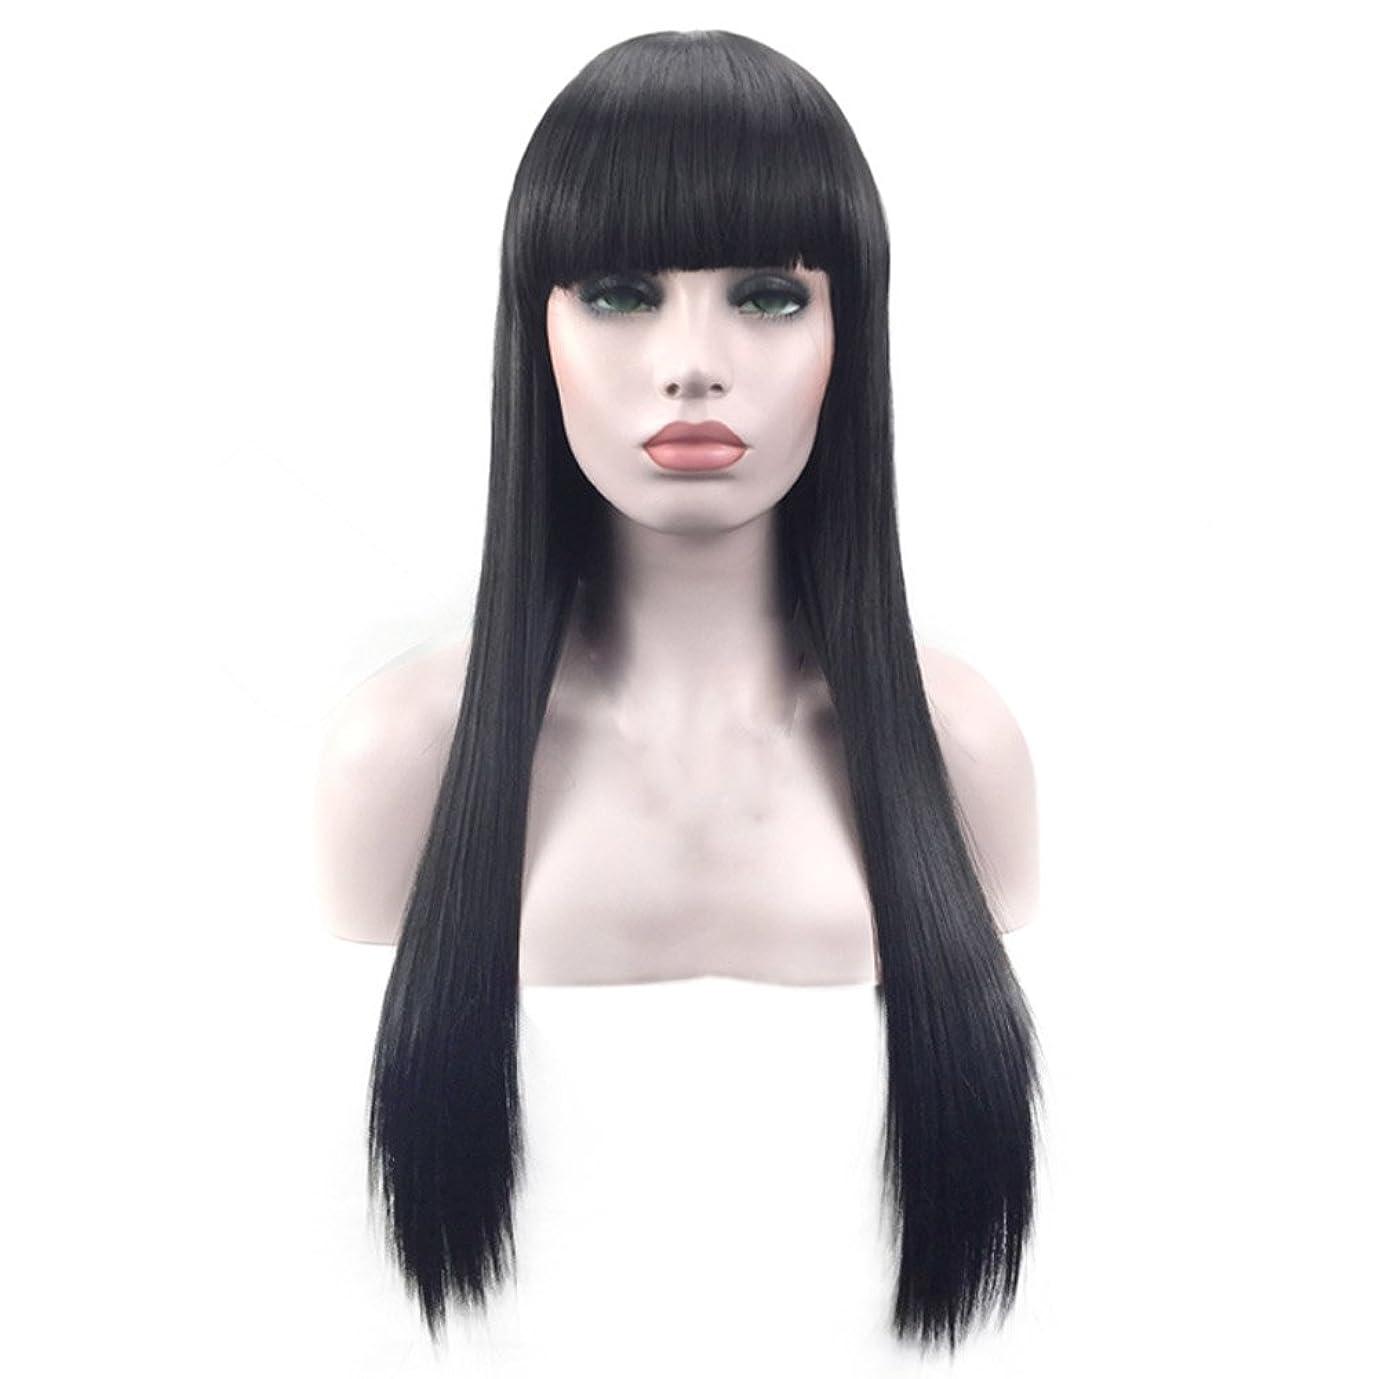 購入自体ひねくれたMerssavo 新しい黒ロングストレートニートバンヘアコスプレパーティー女性のフルウィッグ